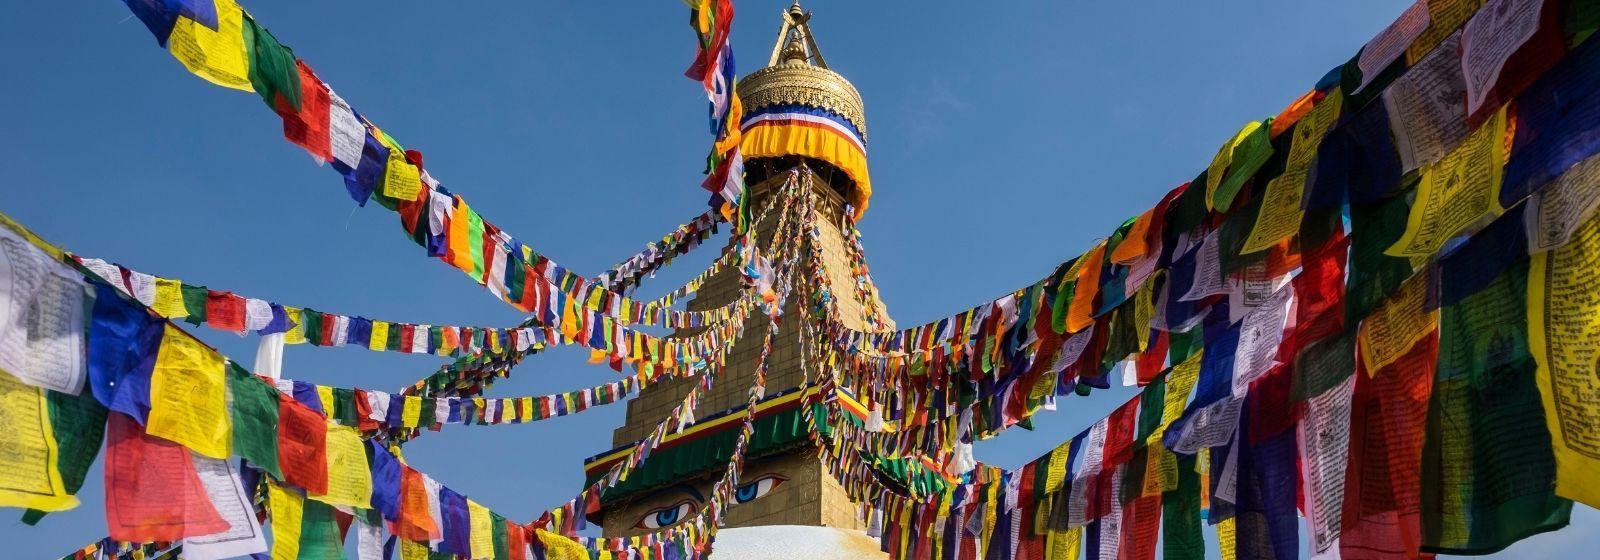 Choses à faire à Katmandou